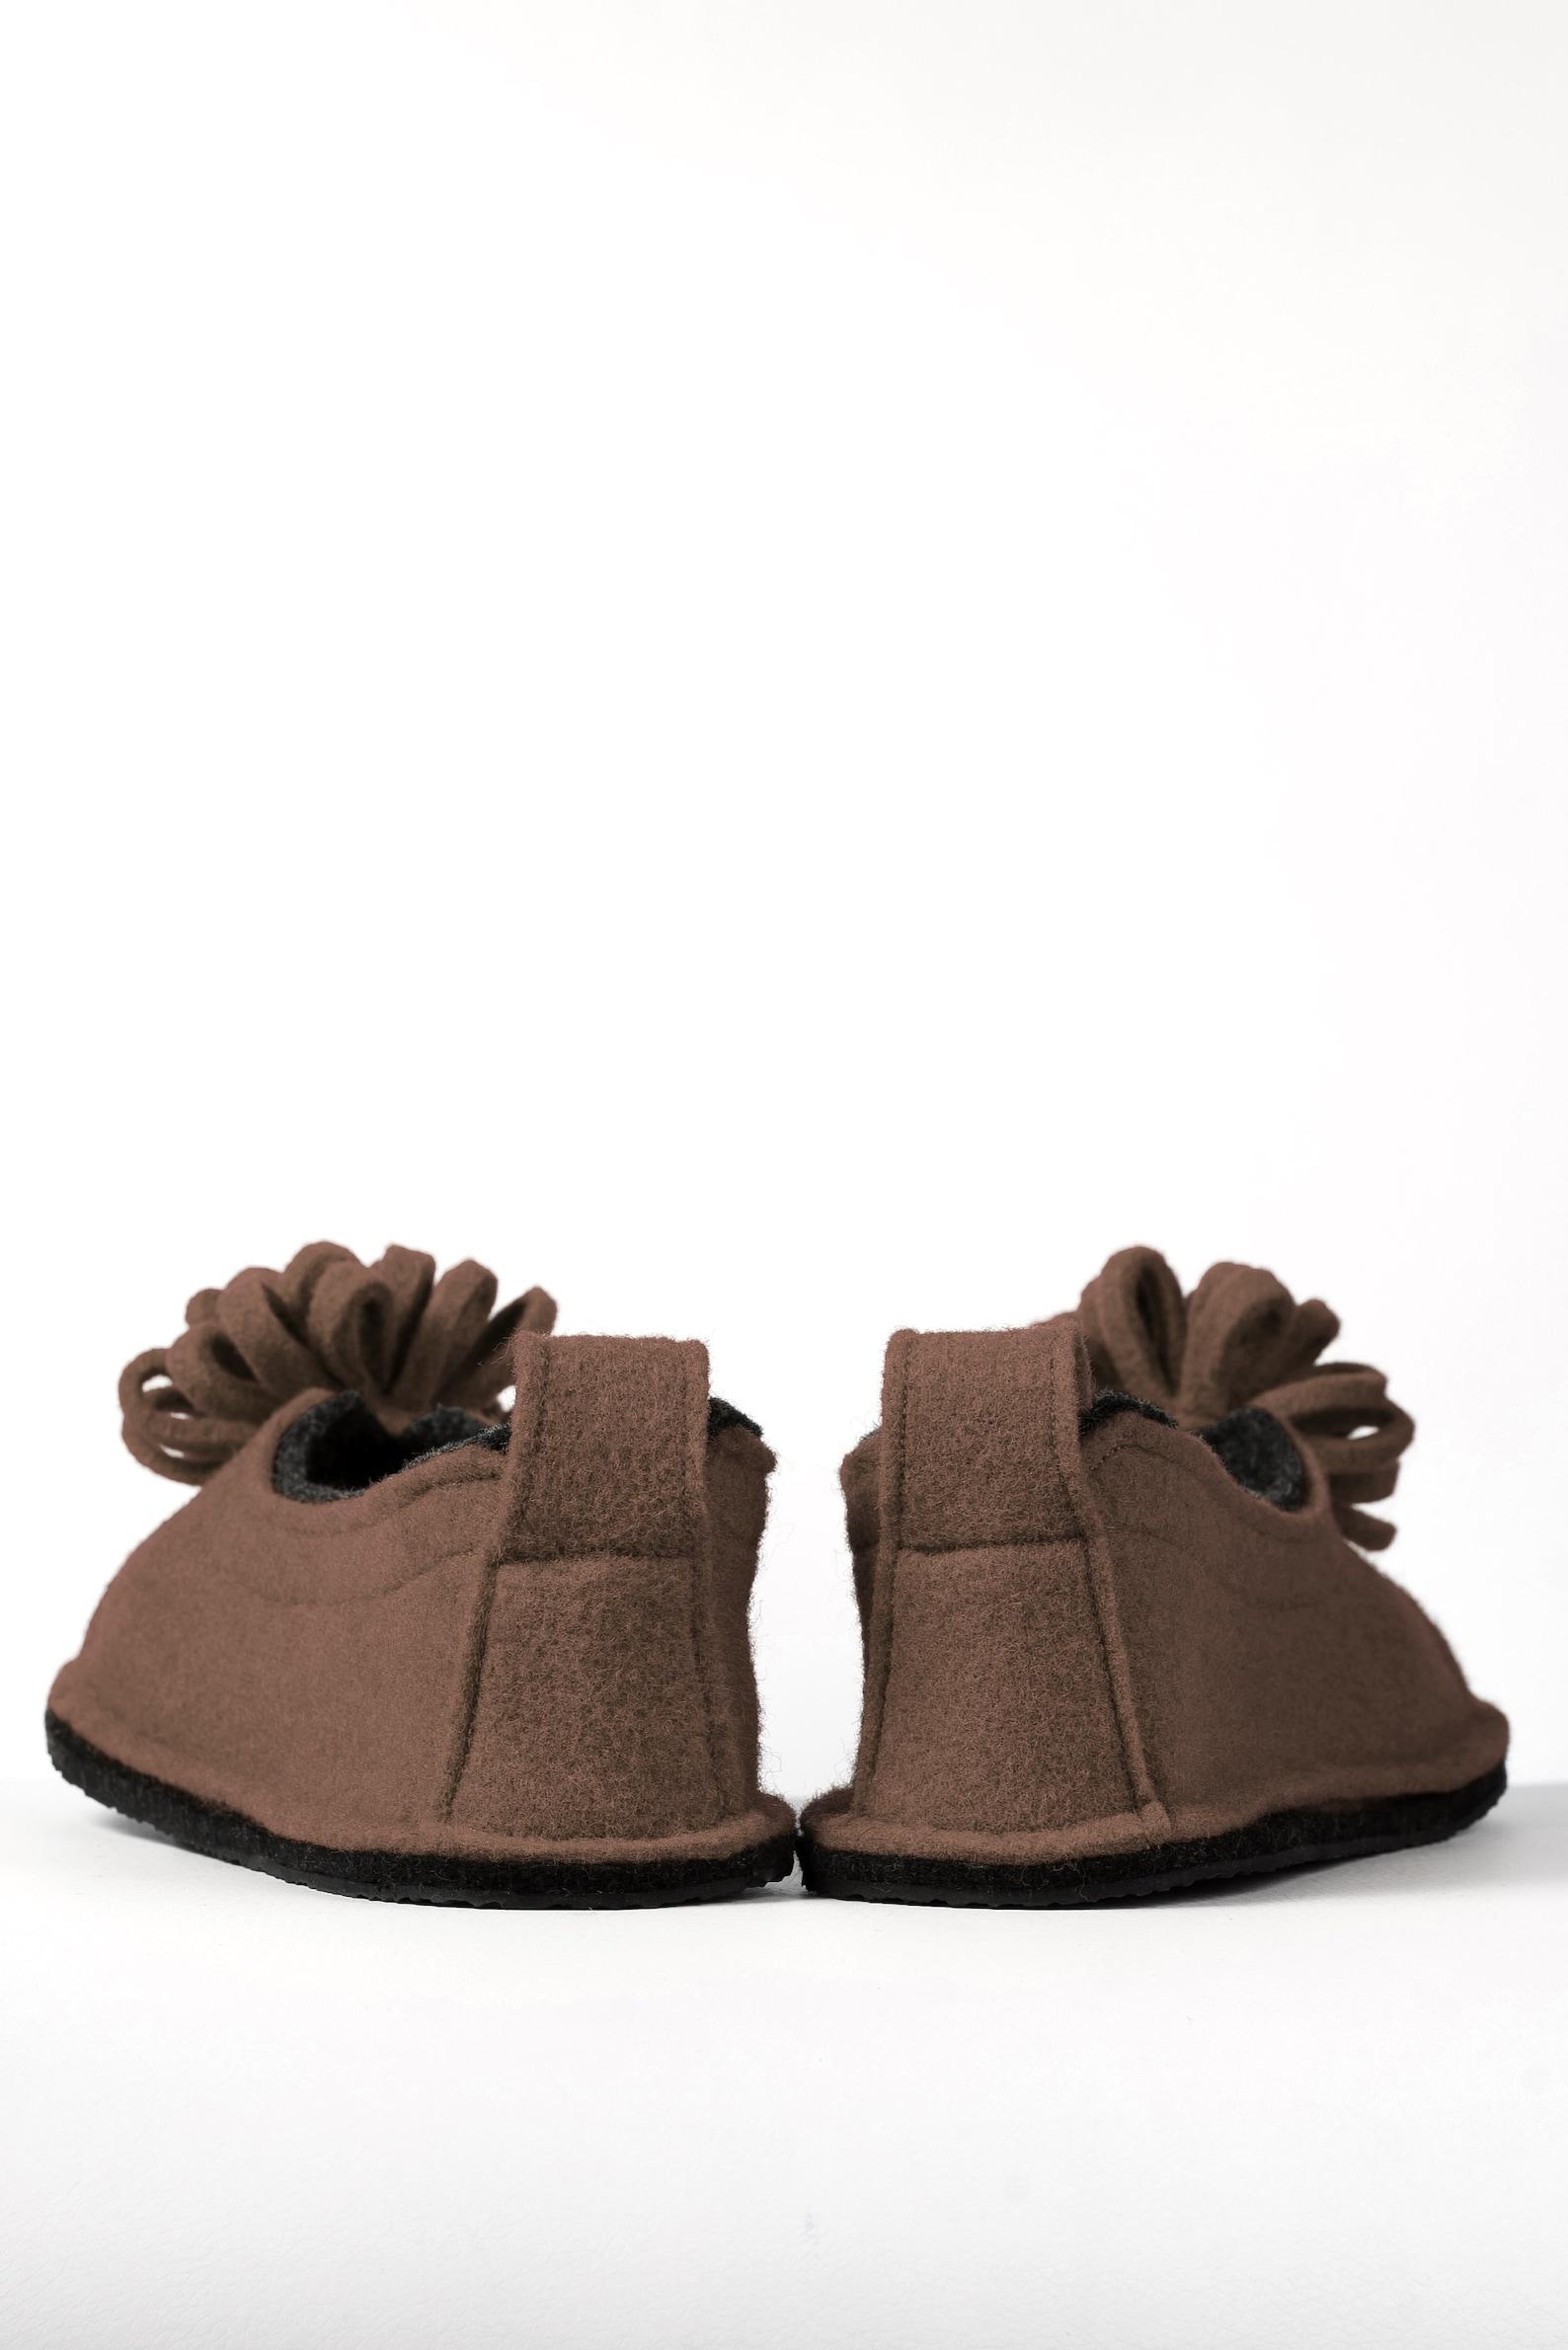 wool felt warm ballet flat slippers flower